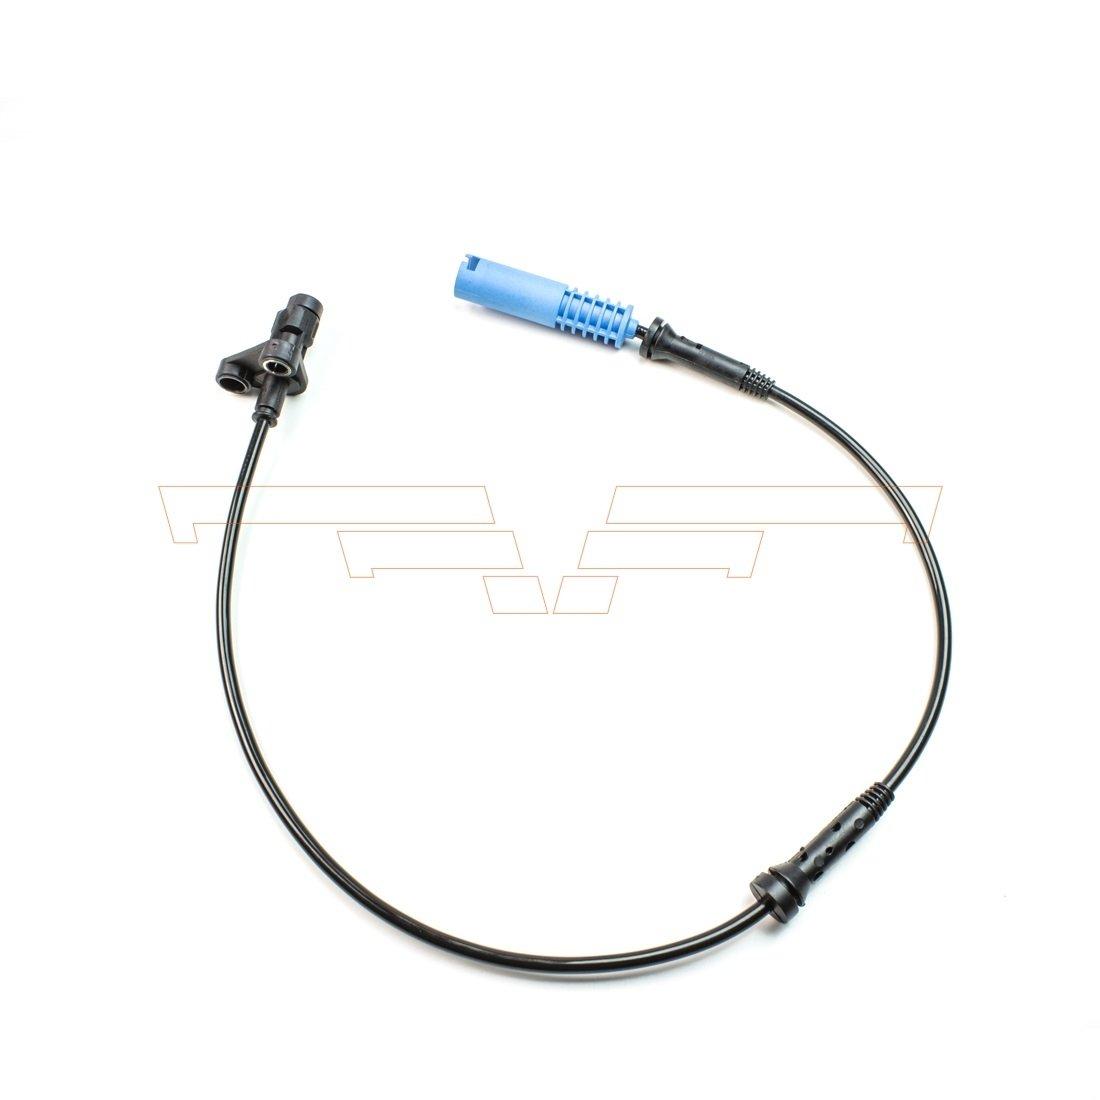 HELLA 6PU 009 163-641 Impulsgeber Kurbelwelle mit fahrzeugspezifischem Adapter Anschlussanzahl 2